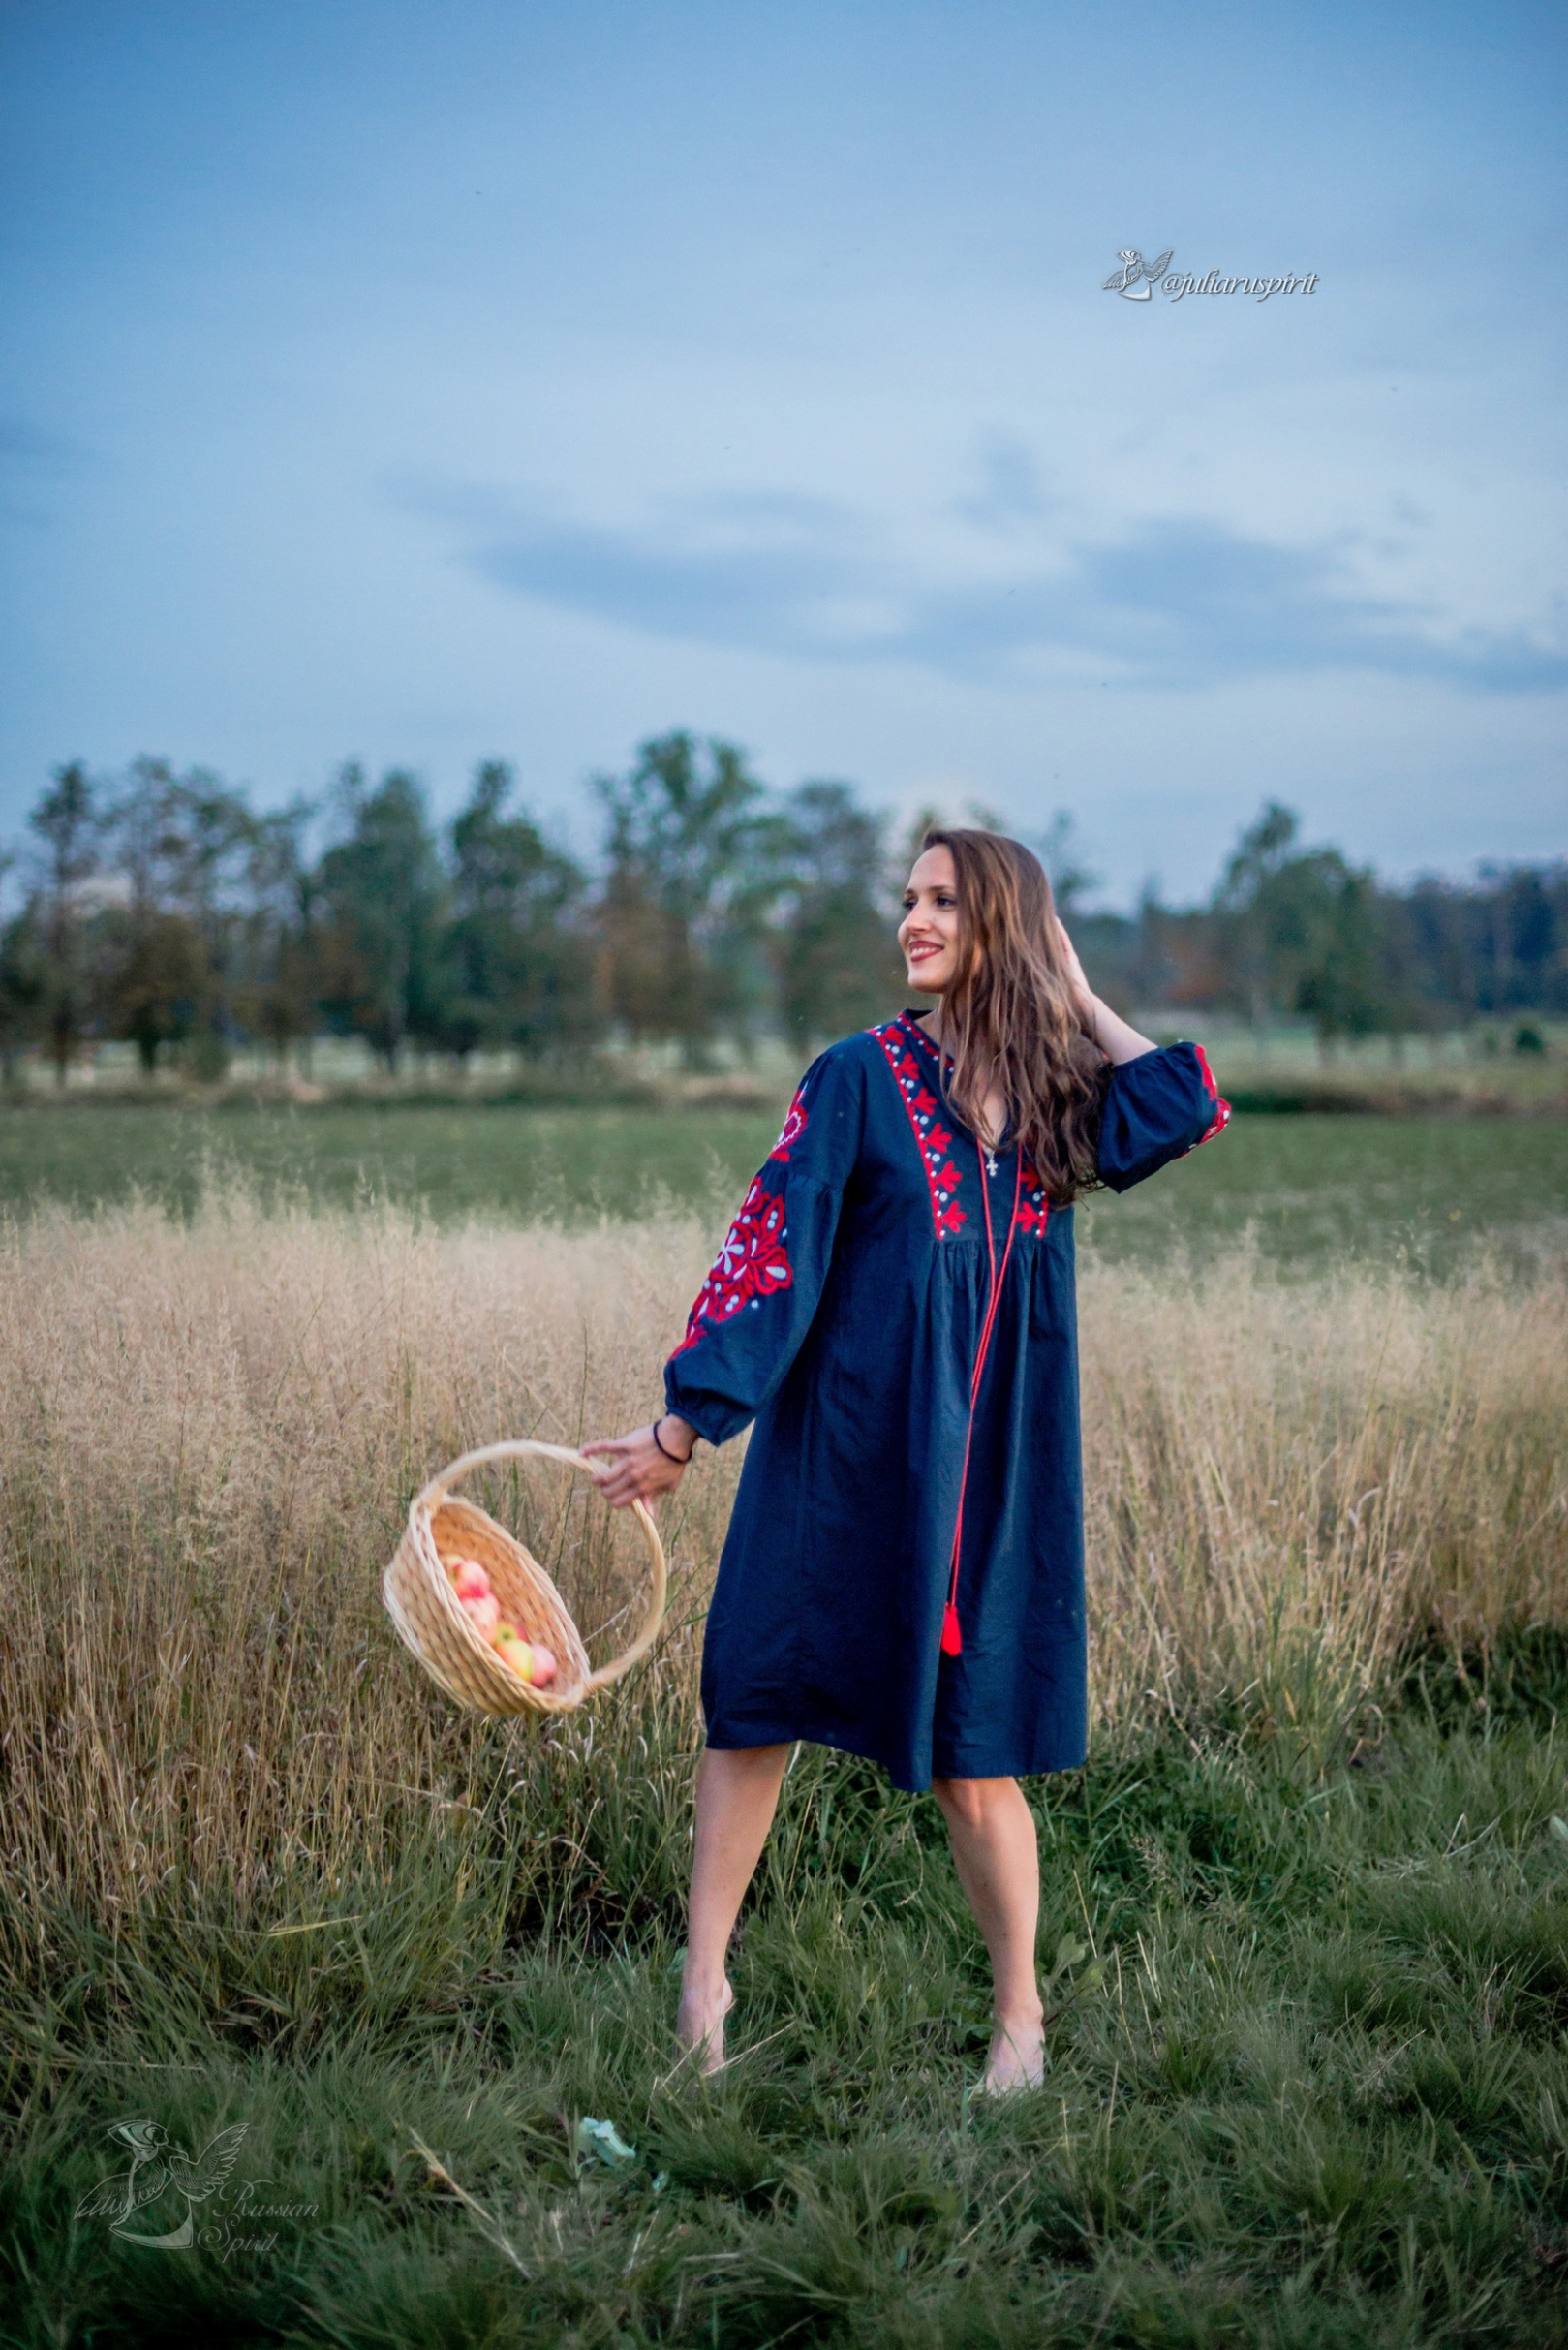 девушка с корзиной яблок в поле в национальном синем платье